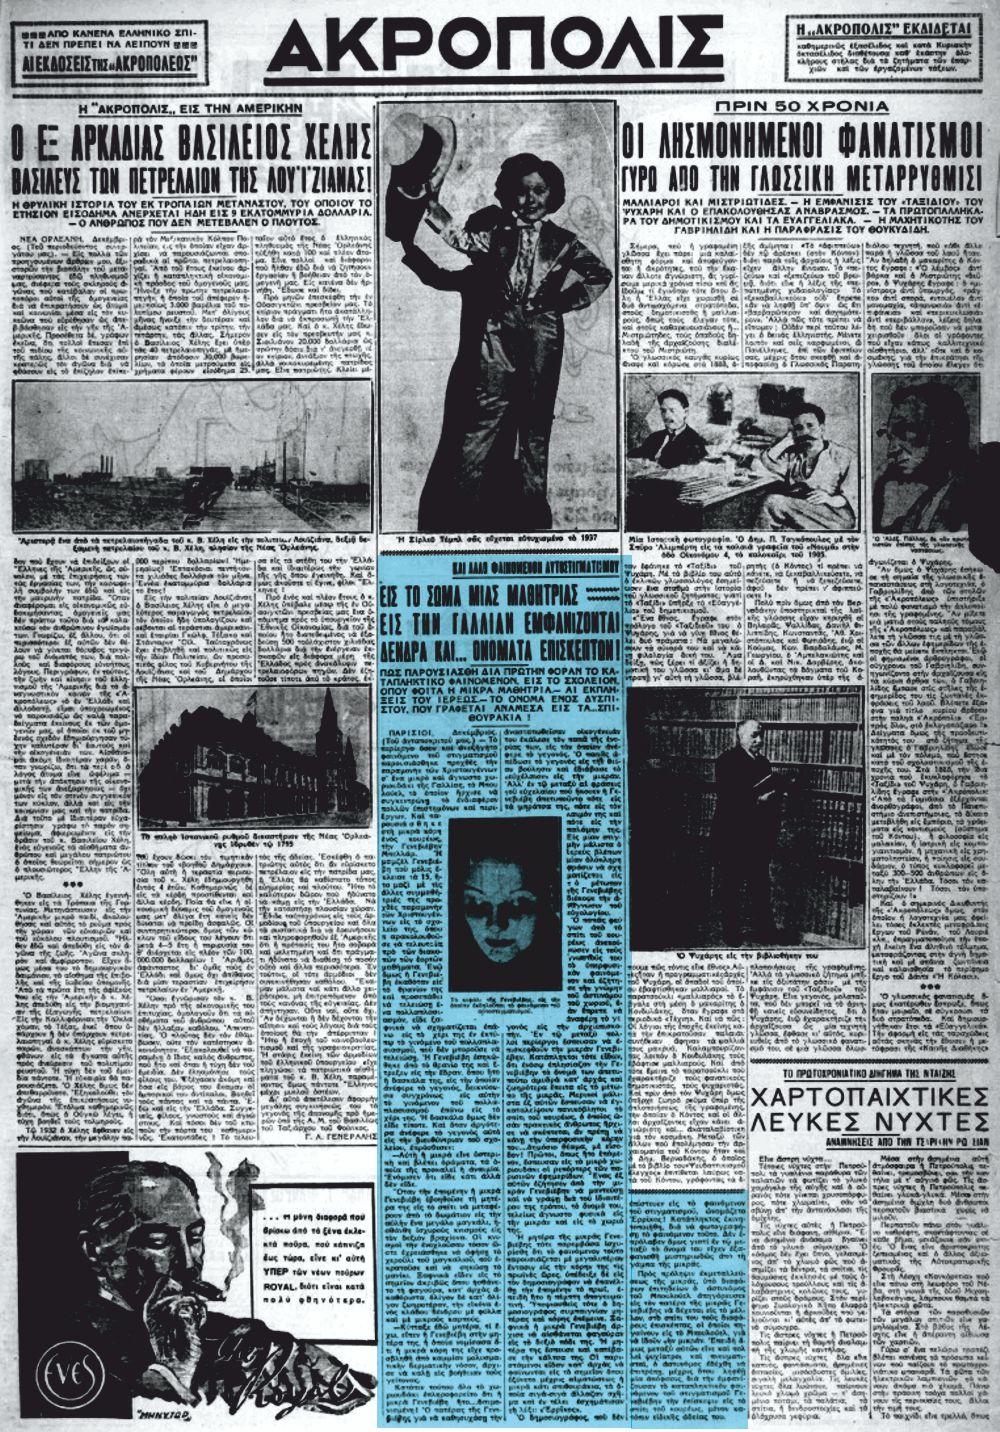 """Το άρθρο, όπως δημοσιεύθηκε στην εφημερίδα """"ΑΚΡΟΠΟΛΙΣ"""", στις 01/01/1937"""